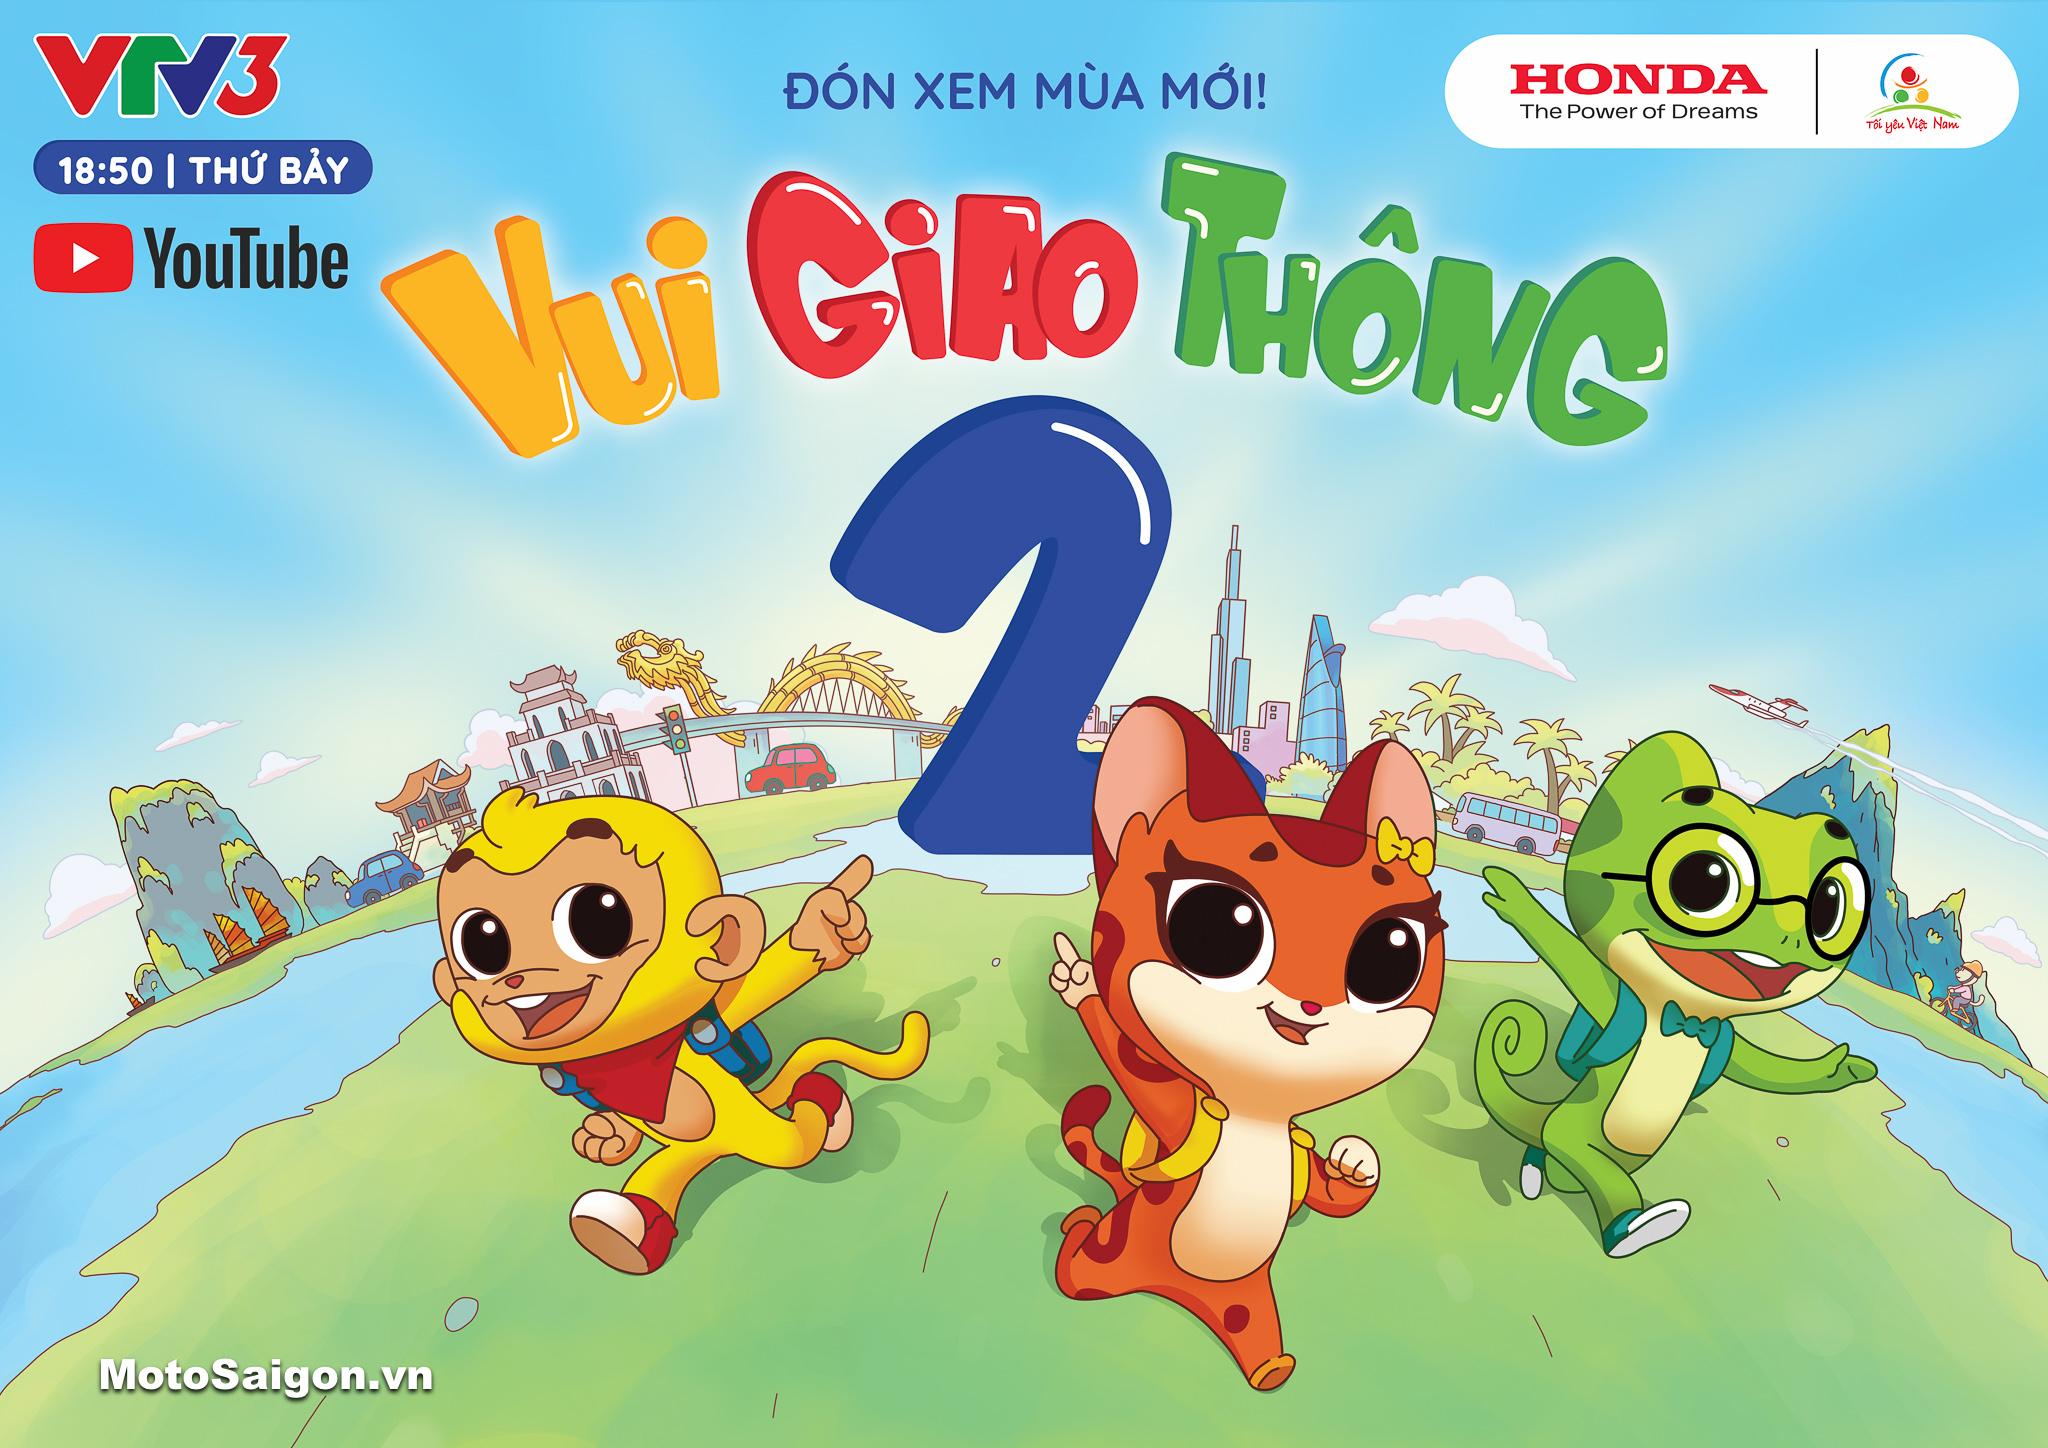 """Honda Việt Nam khởi động chương trình """"Tôi yêu Việt Nam"""" - phiên bản """"Vui giao thông"""" mùa thứ hai dành cho lứa tuổi Mầm non"""